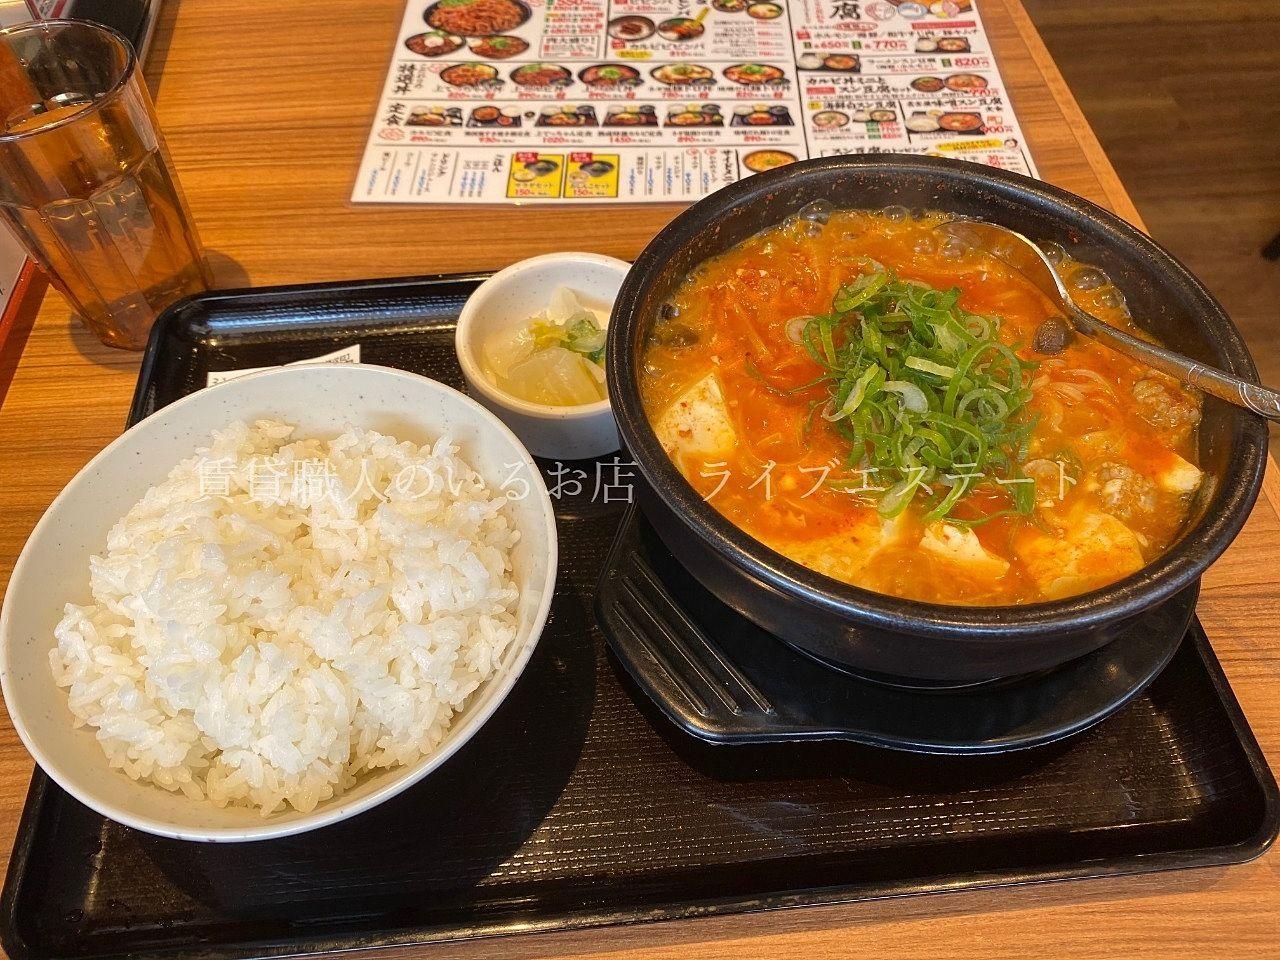 新規オープン(*´▽`*)カルビ丼とスン豆腐専門店韓丼 高松上天神店-高松市上天神町